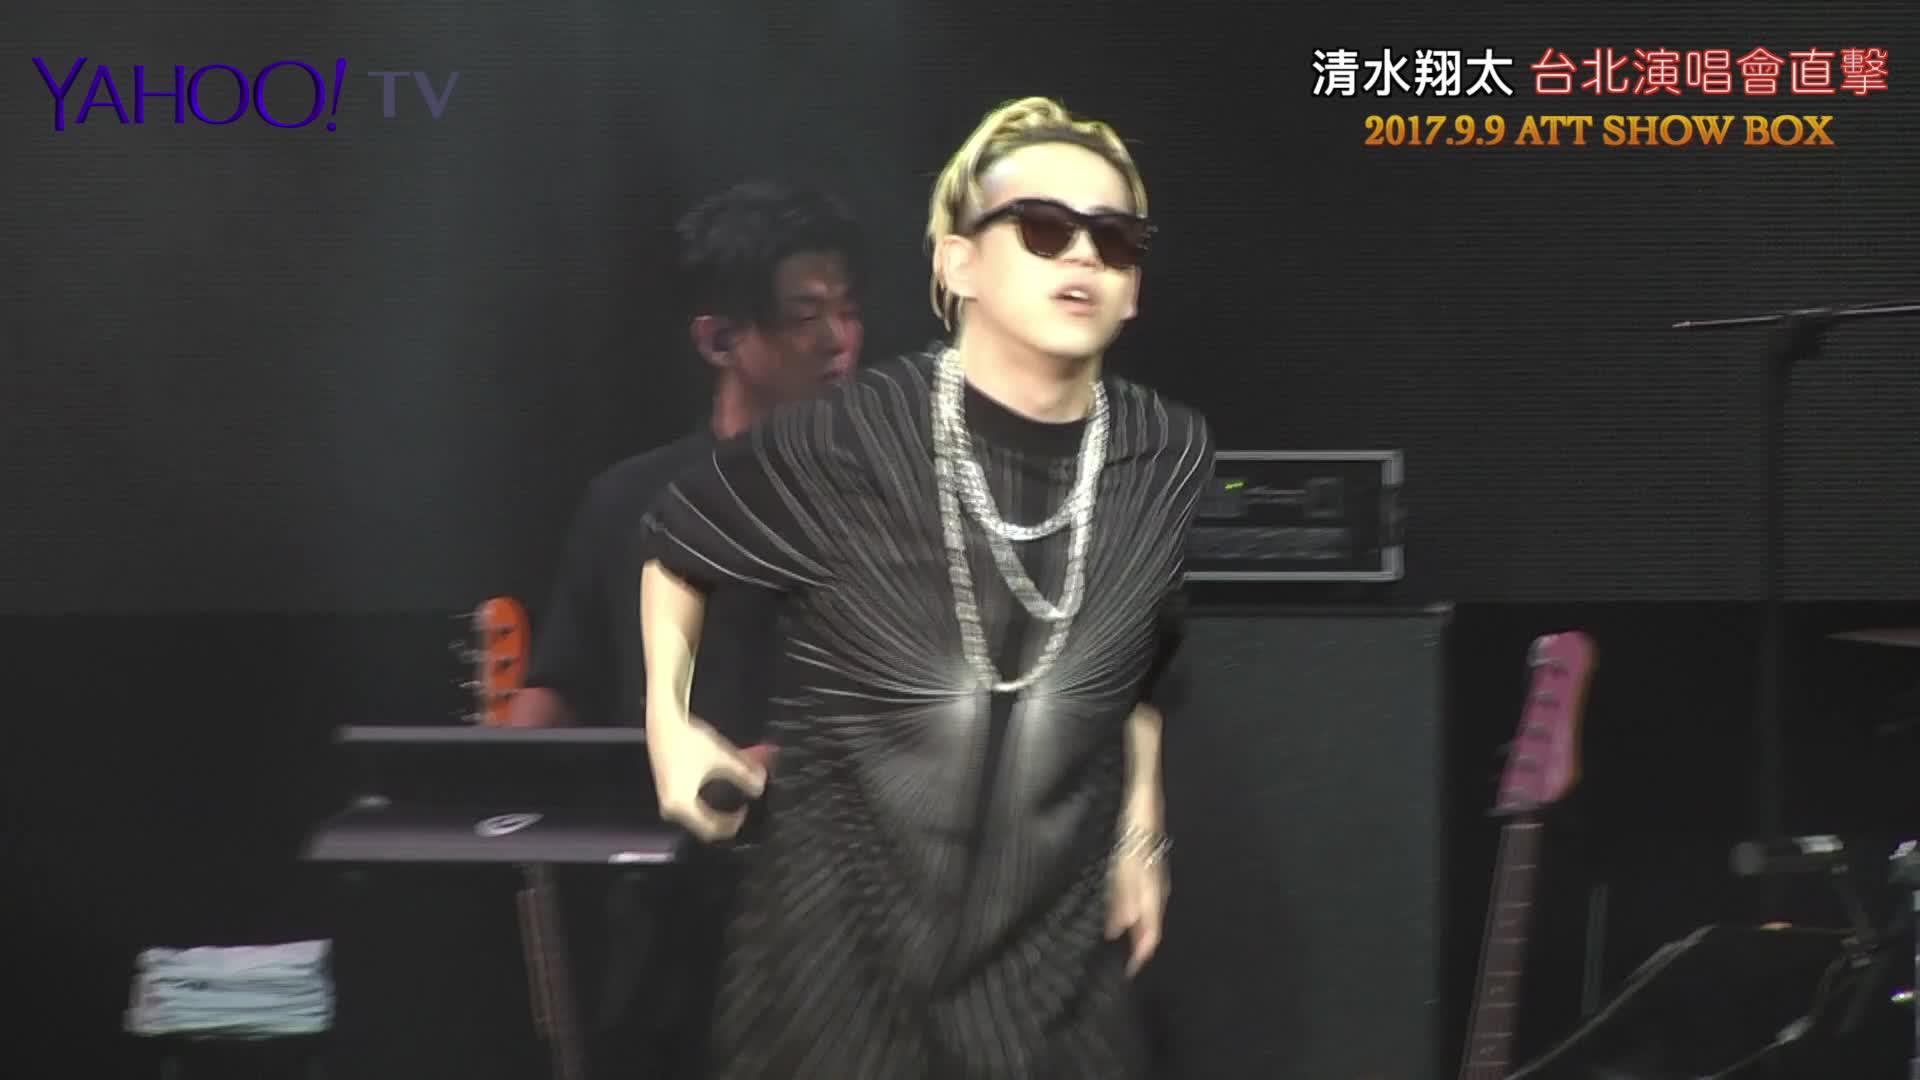 清水翔太台北演唱會直擊 影片 Yahoo奇摩新聞